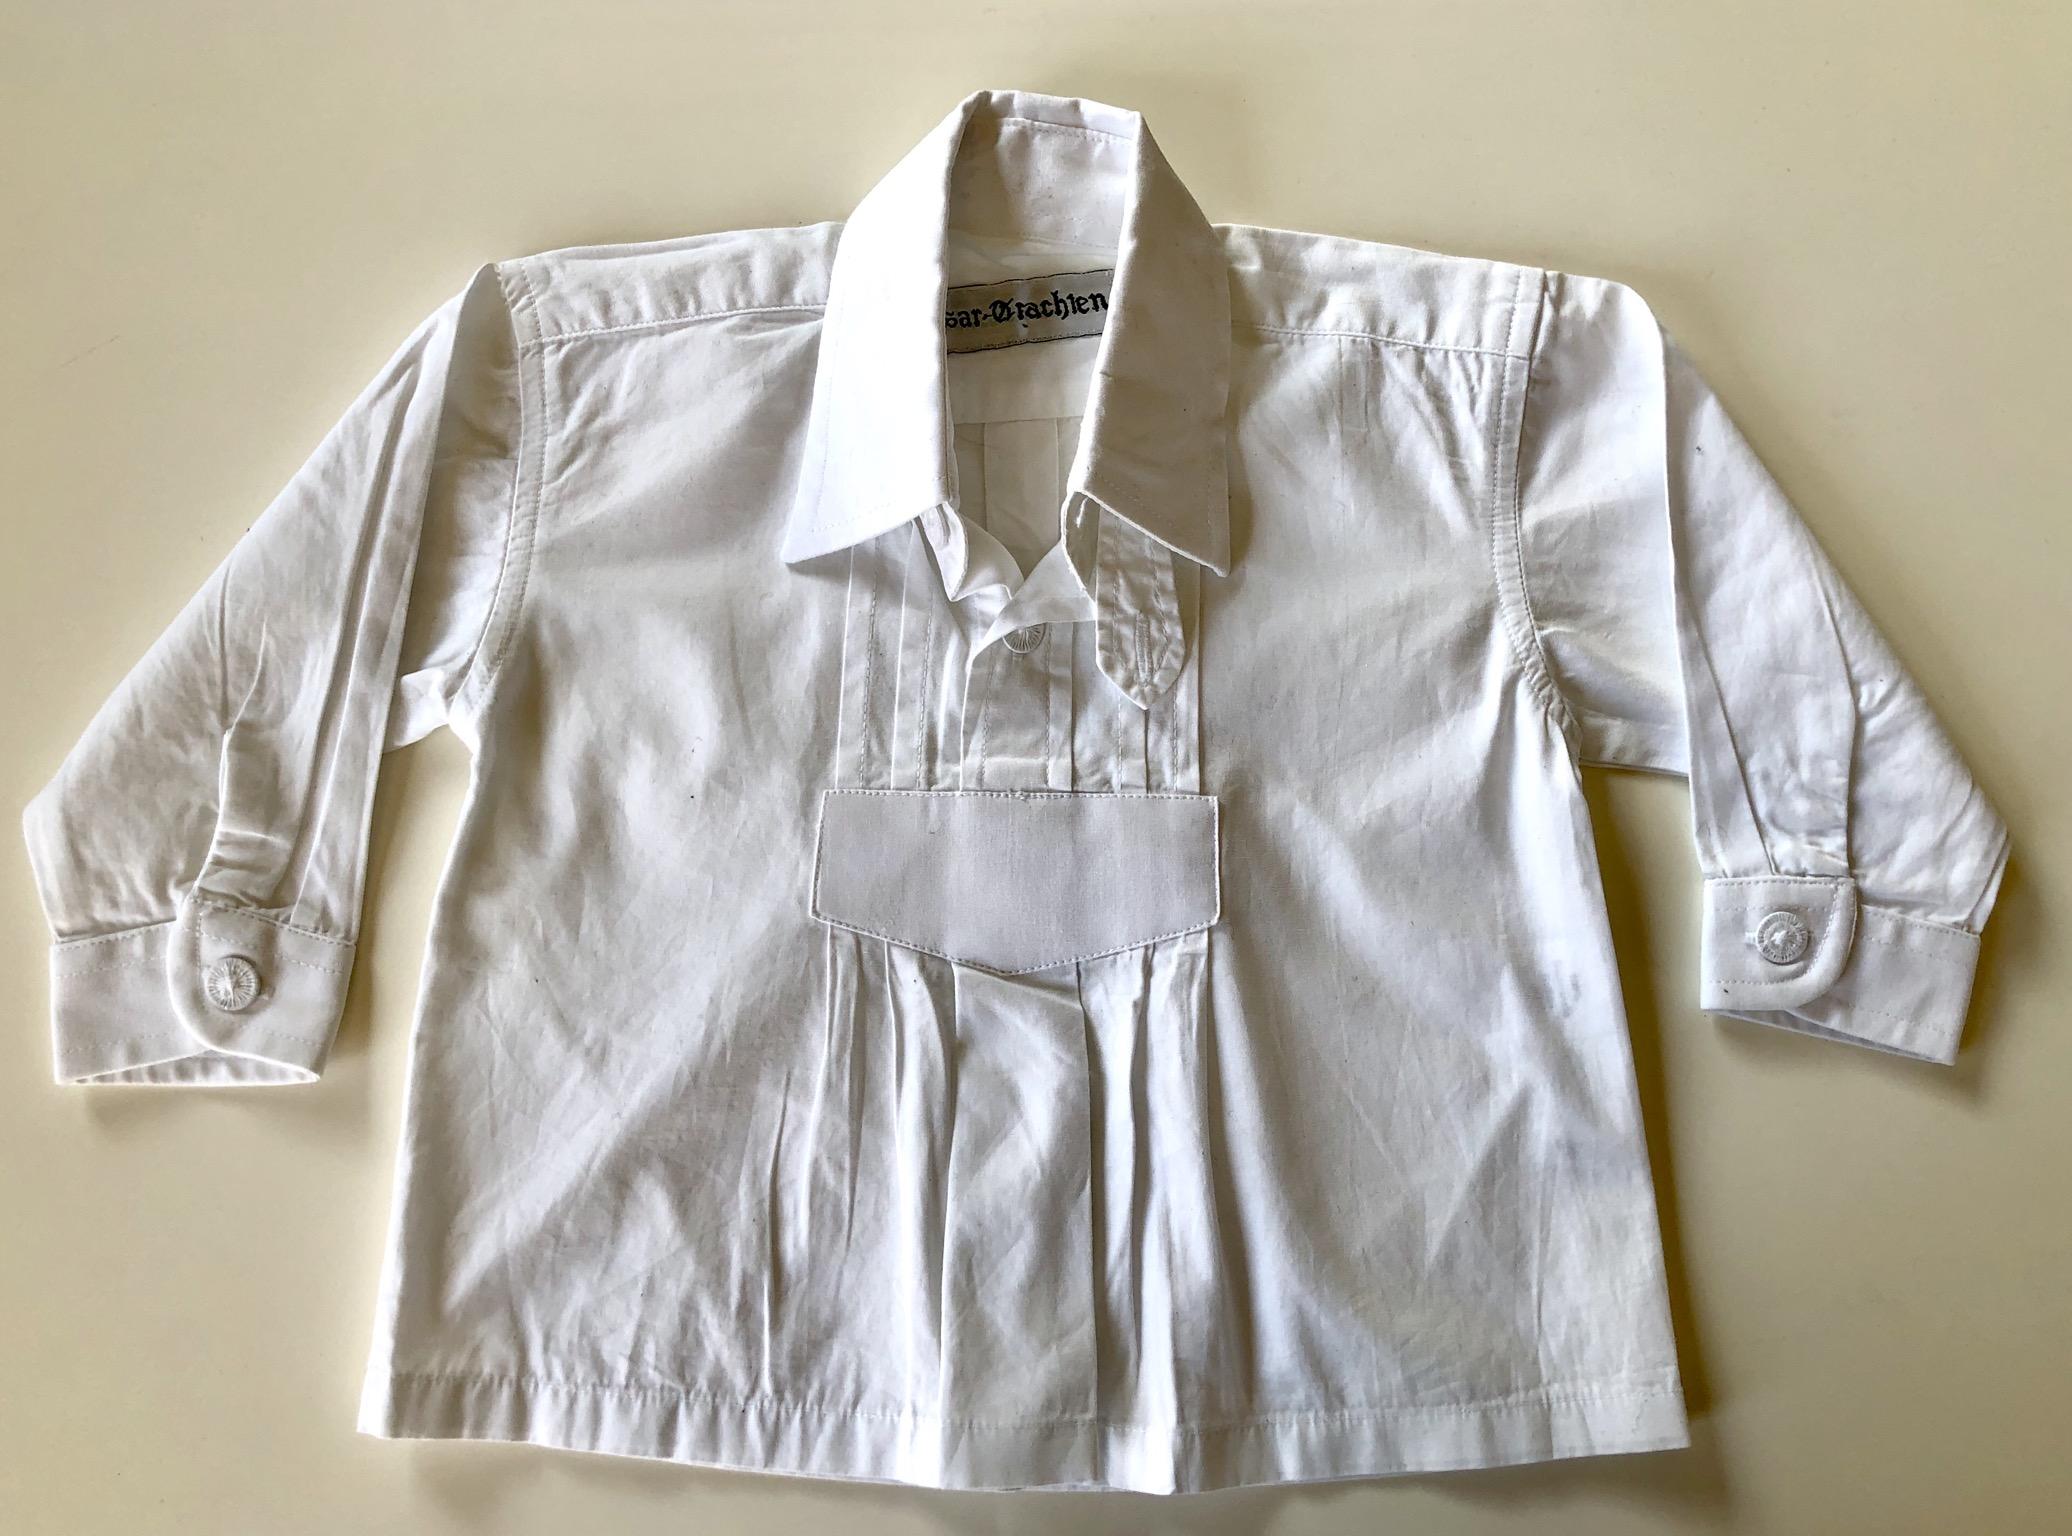 Gr. 68 Isar Trachten Trachtenhemd weiß